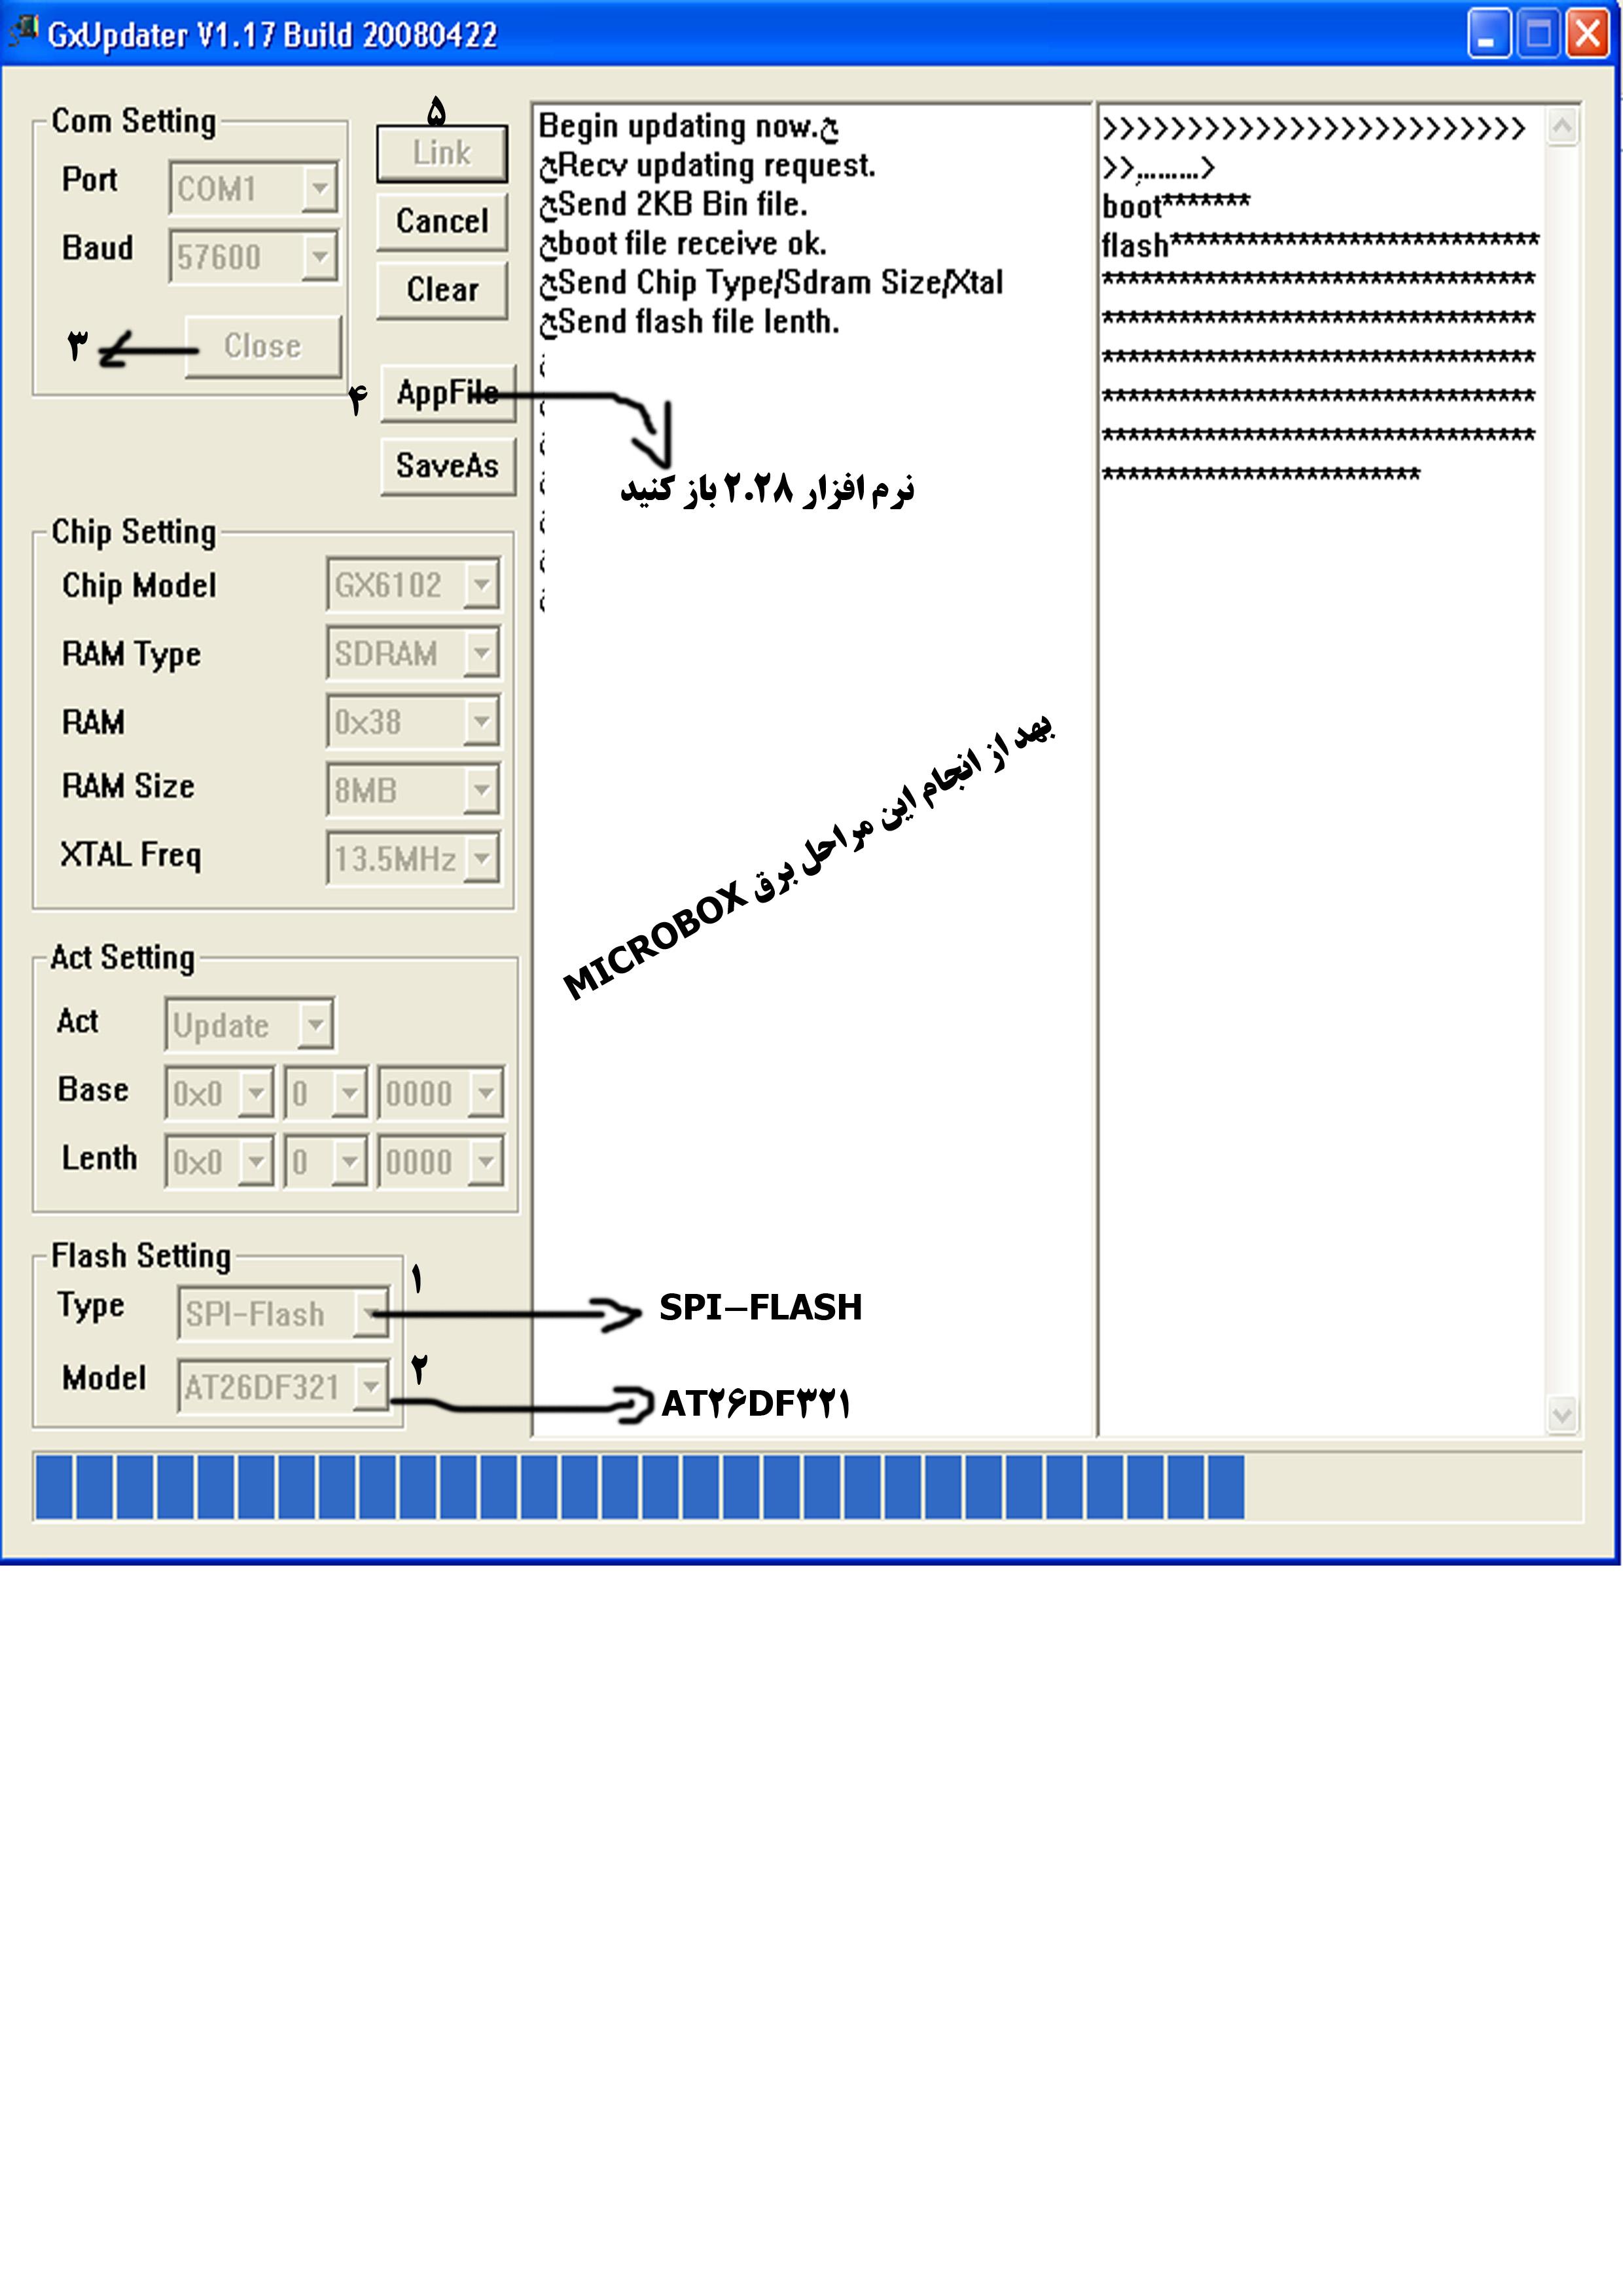 دانلود فایل فلش دامپ میکروباکس 2 + آموزش تصویری Satellitebank44